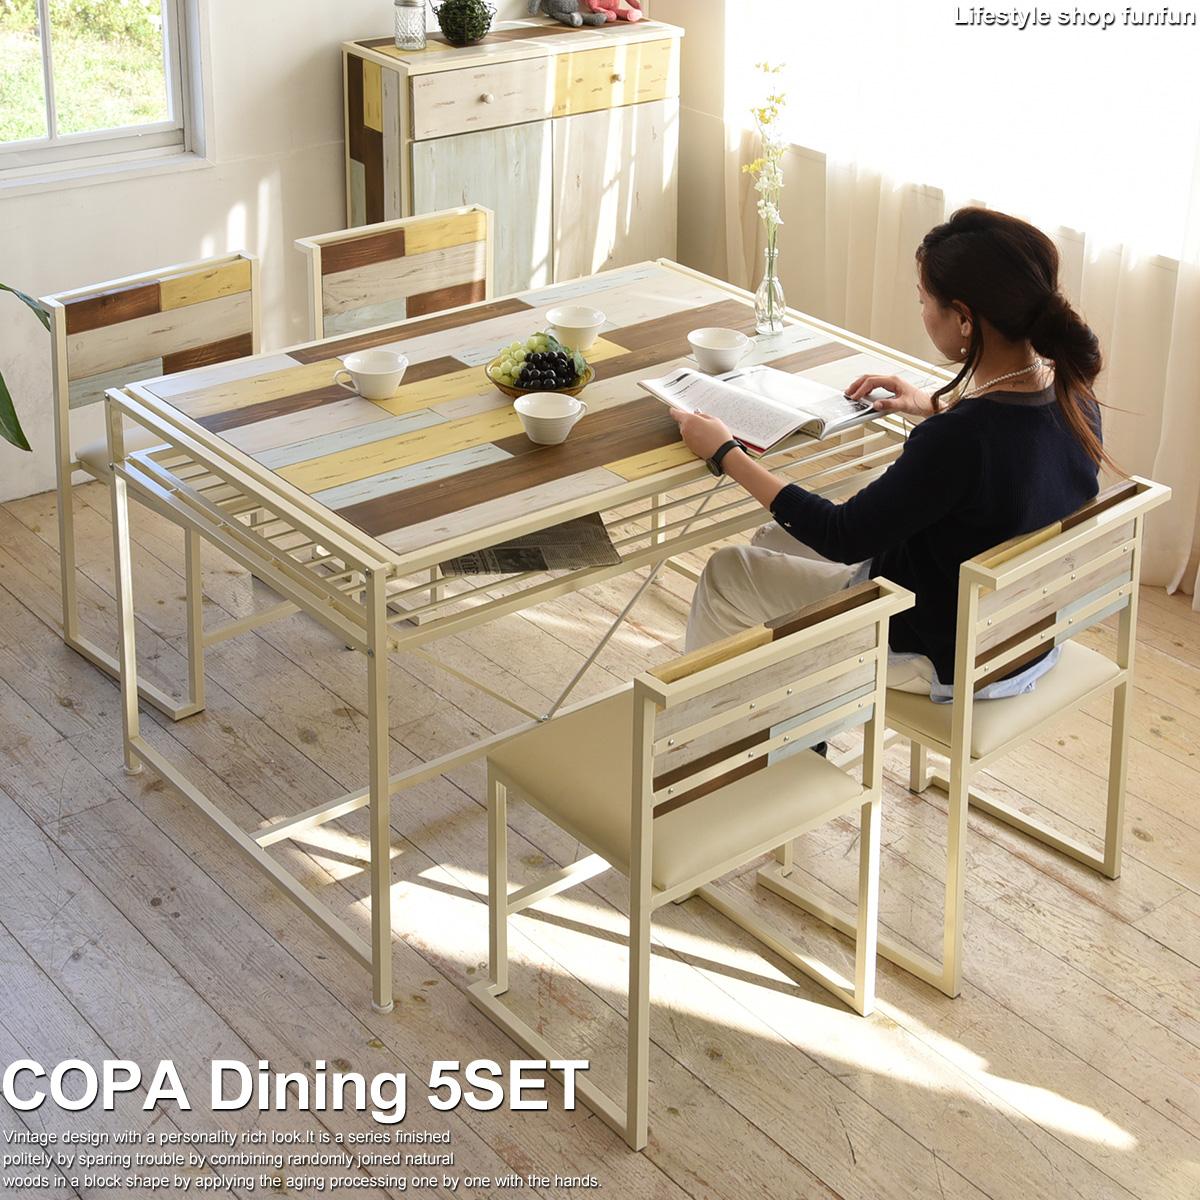 【最大2000円OFFクーポン】ダイニングセット ダイニングテーブル 5点セット COPA コパ ダイニングテーブルセット 幅120 おしゃれ かわいい 北欧 スクラップウッド